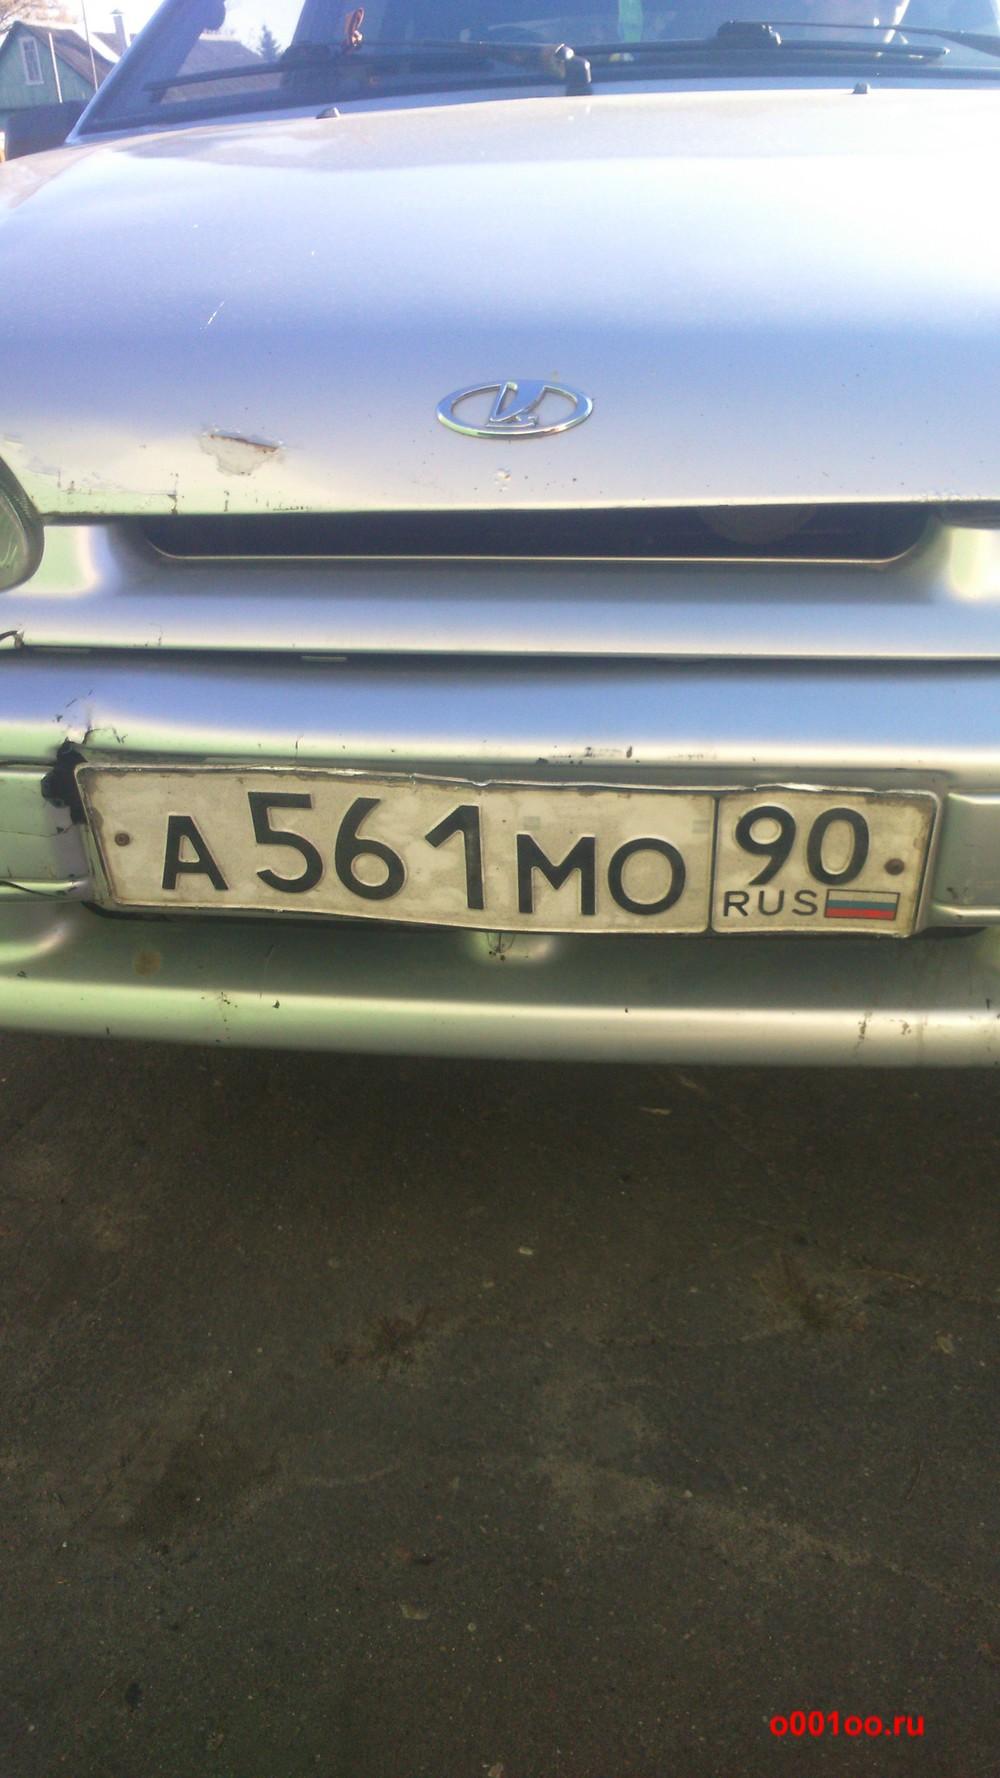 а561мо90